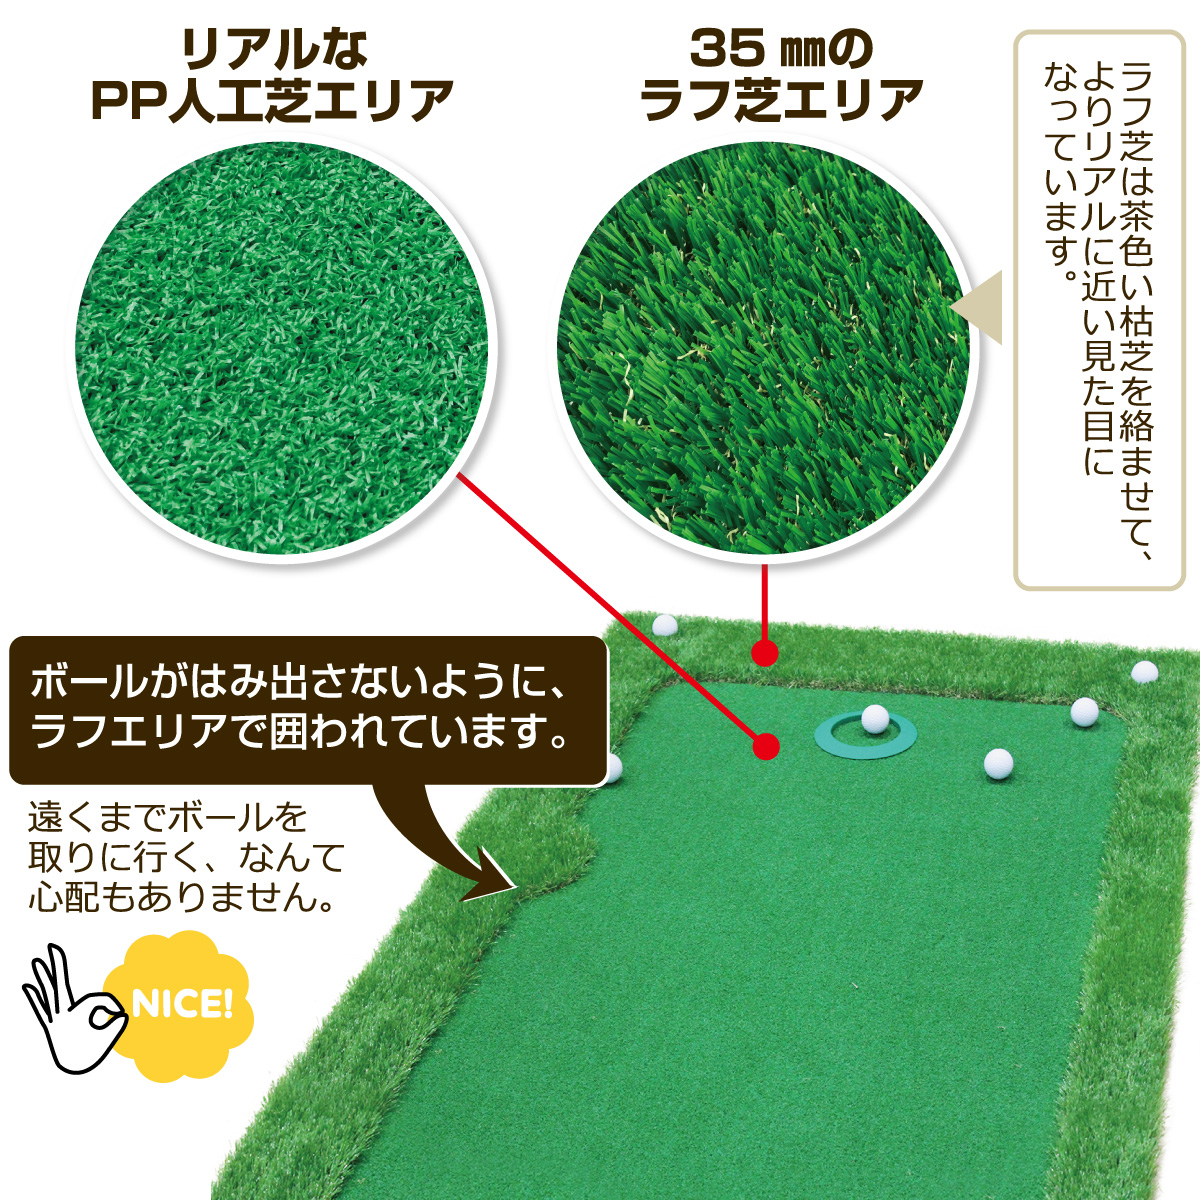 GolfStyle パターマット ゴルフ パッティング 練習 人工芝 グリーン 300×75cm Gシリーズ